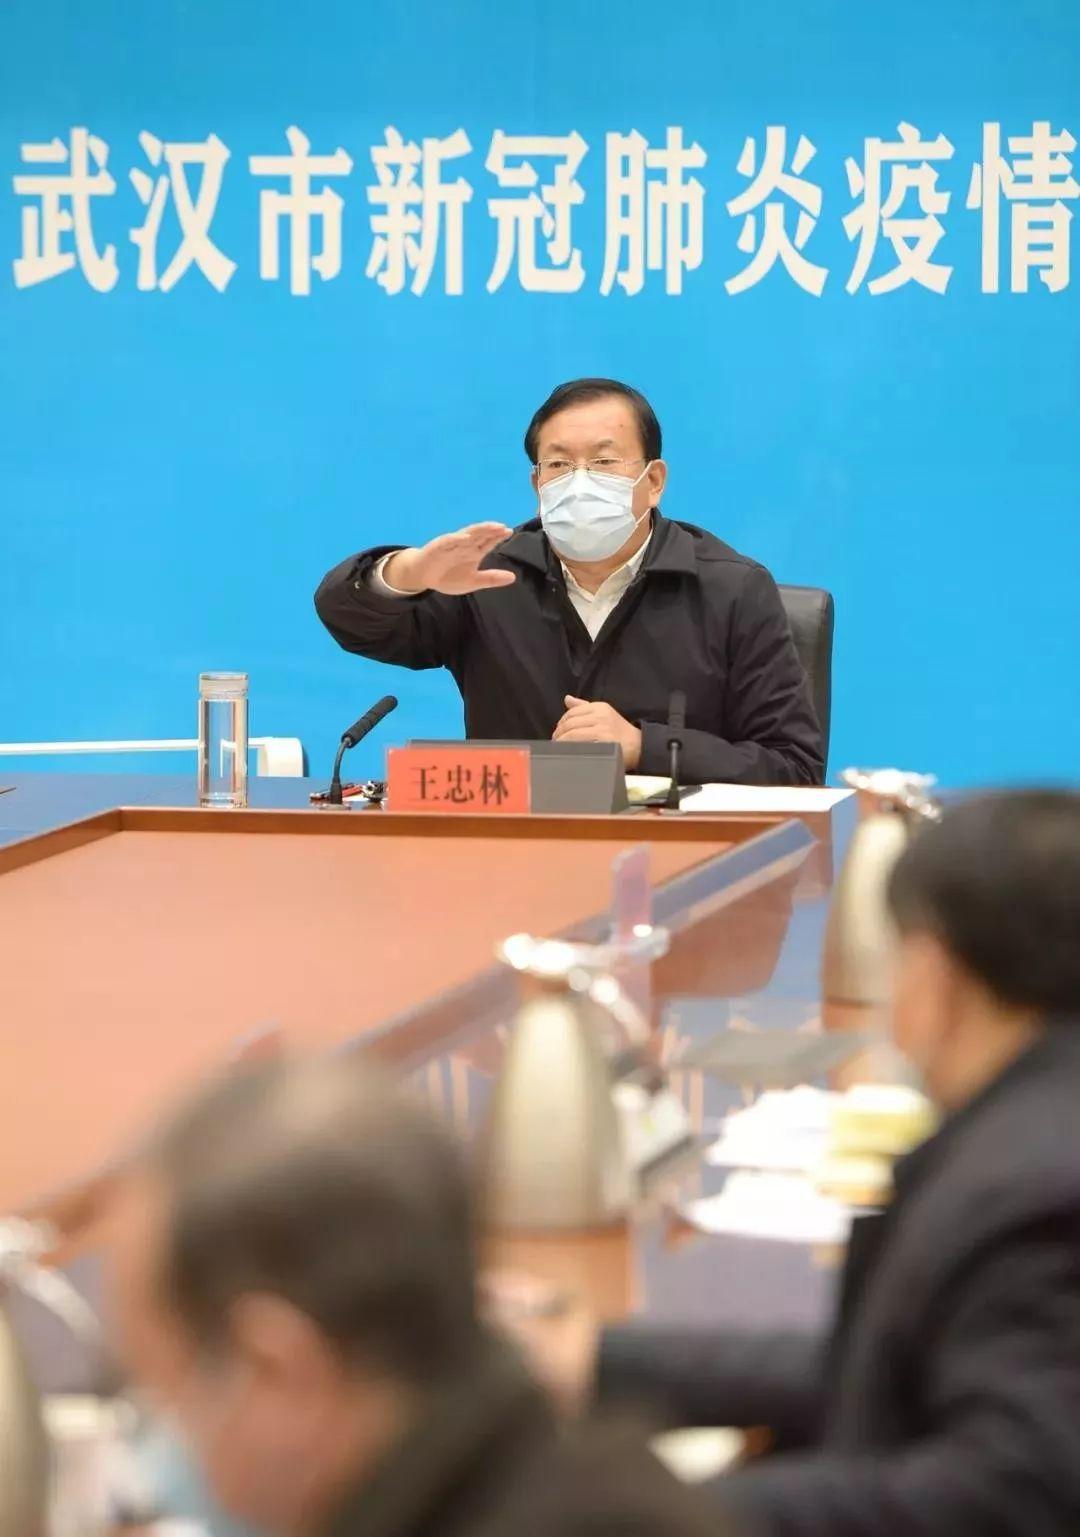 在武汉有心理困境可以拨打这个电话